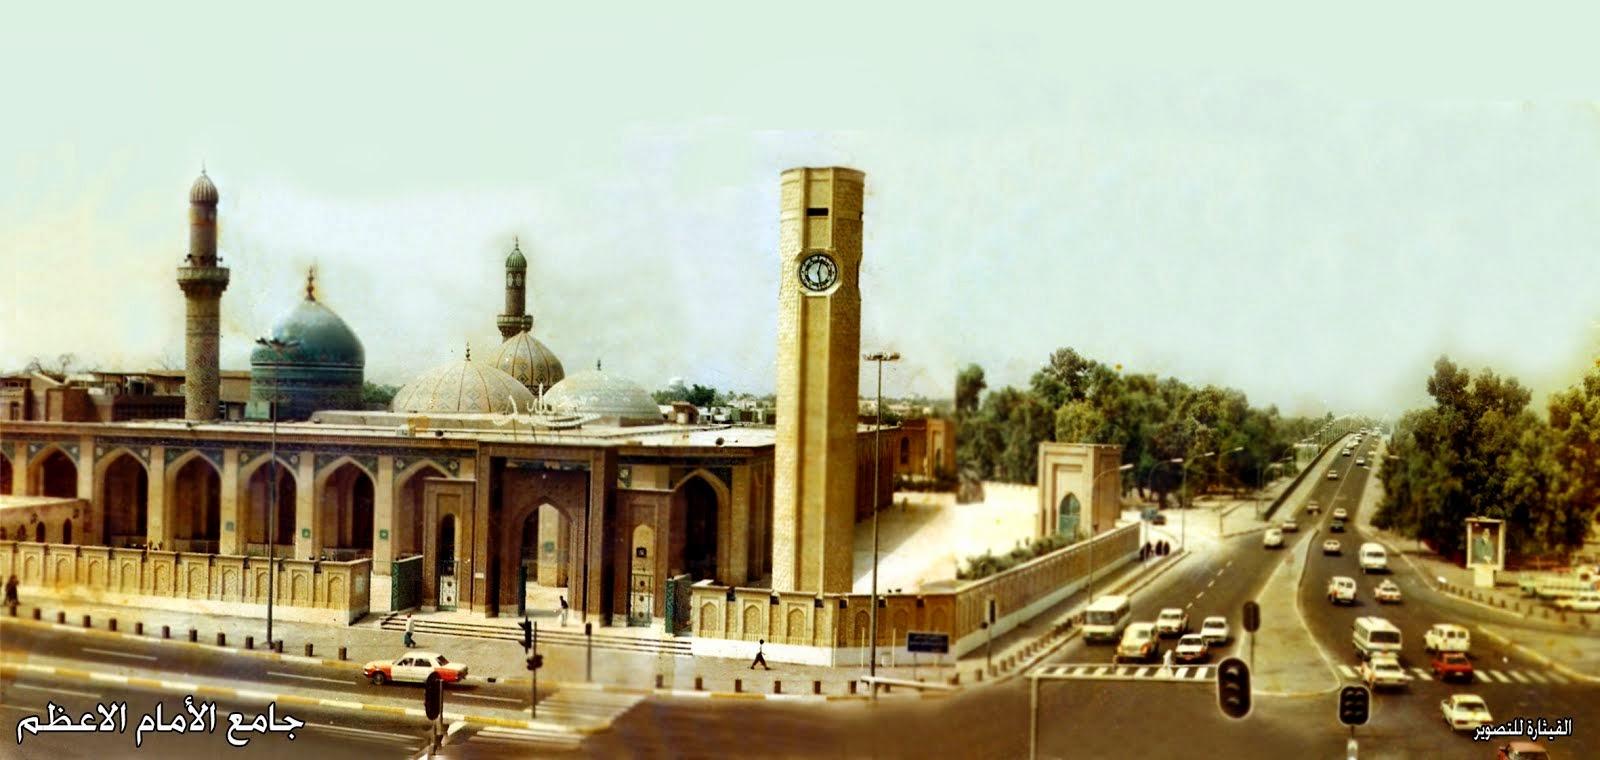 جامع الإمام الأعظم في الاعظمية